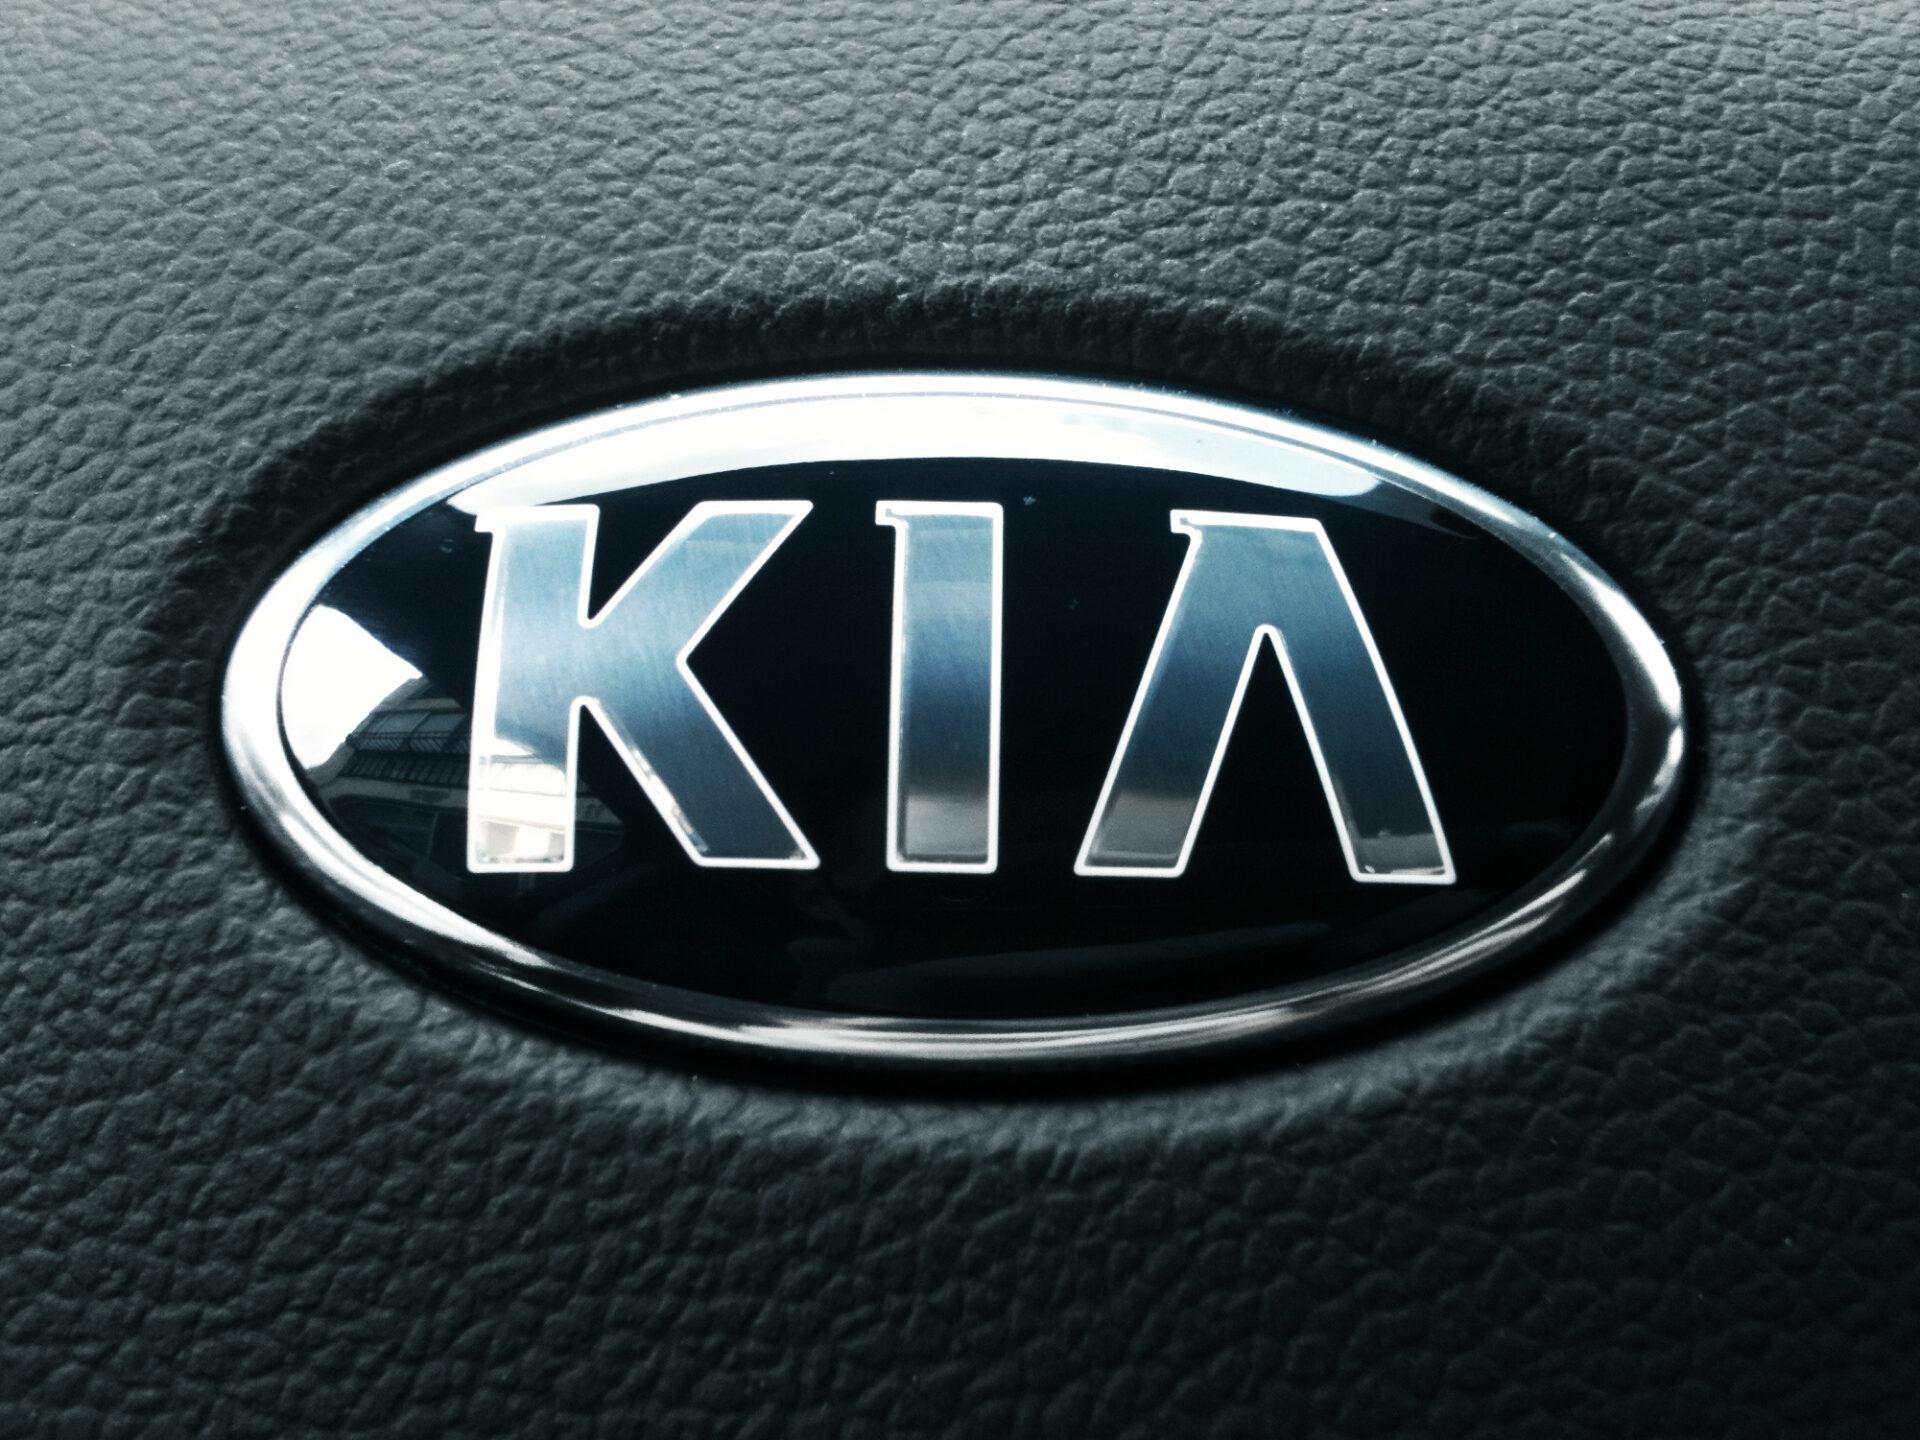 Kia pride emblem steeringwheel